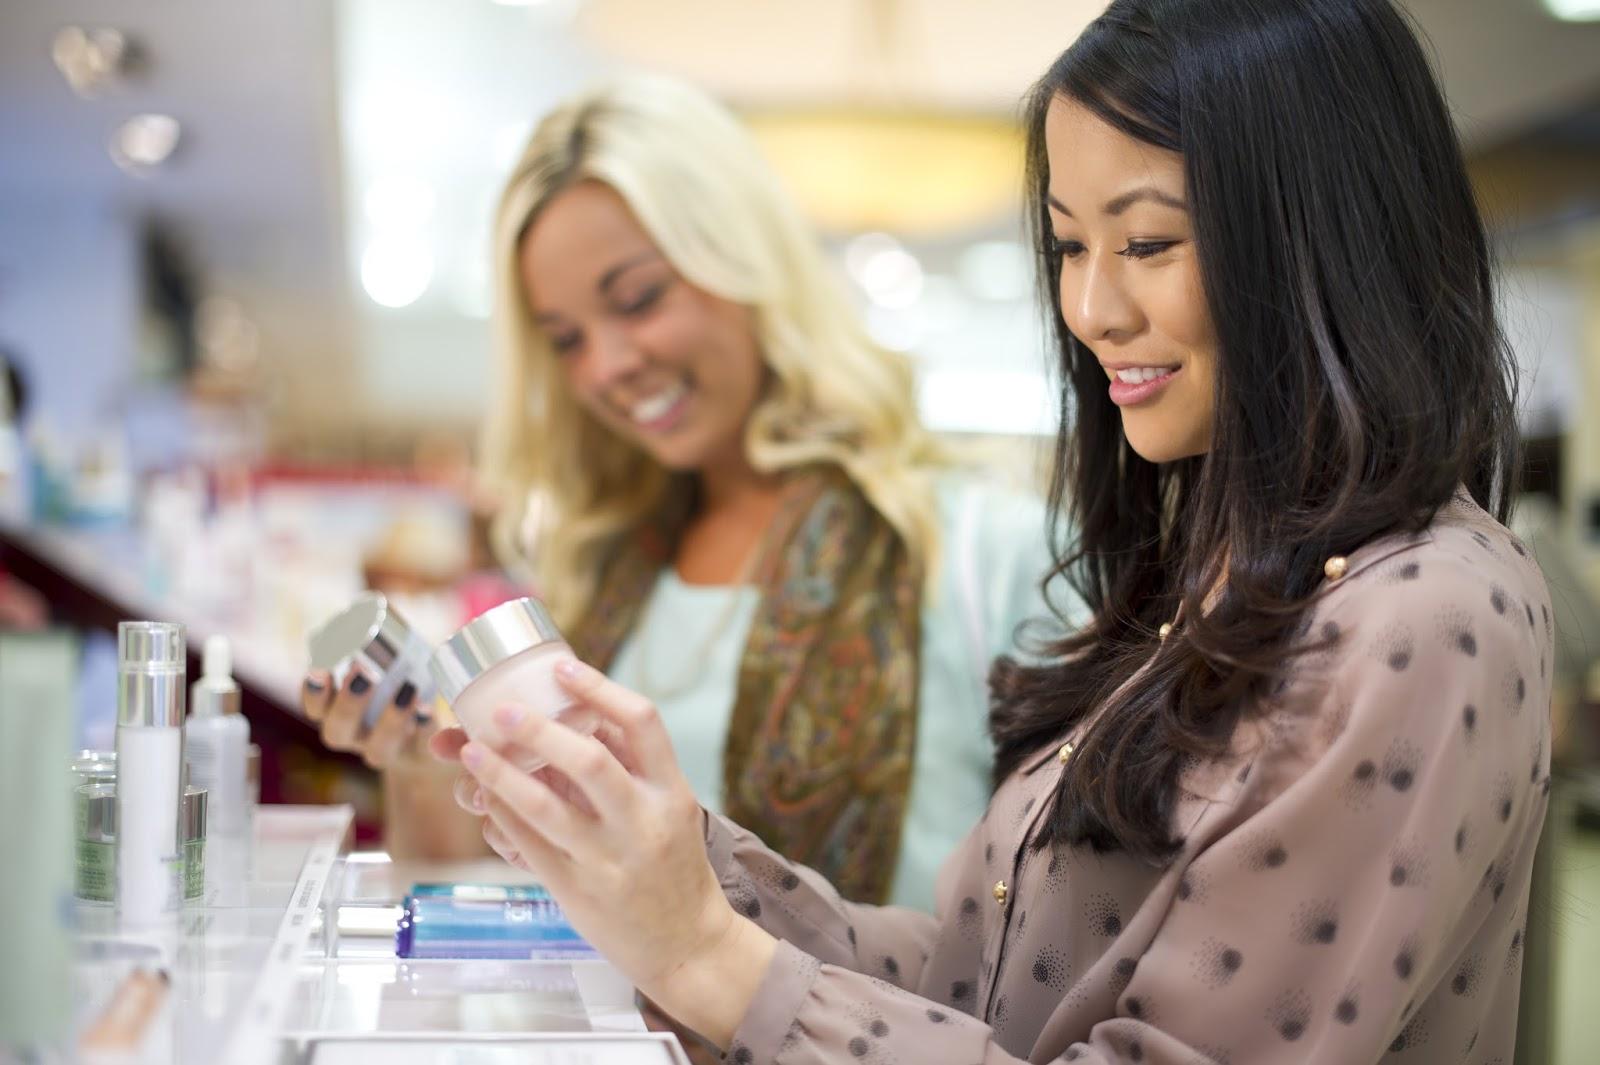 comprare cosmetici in farmacia o profumeria